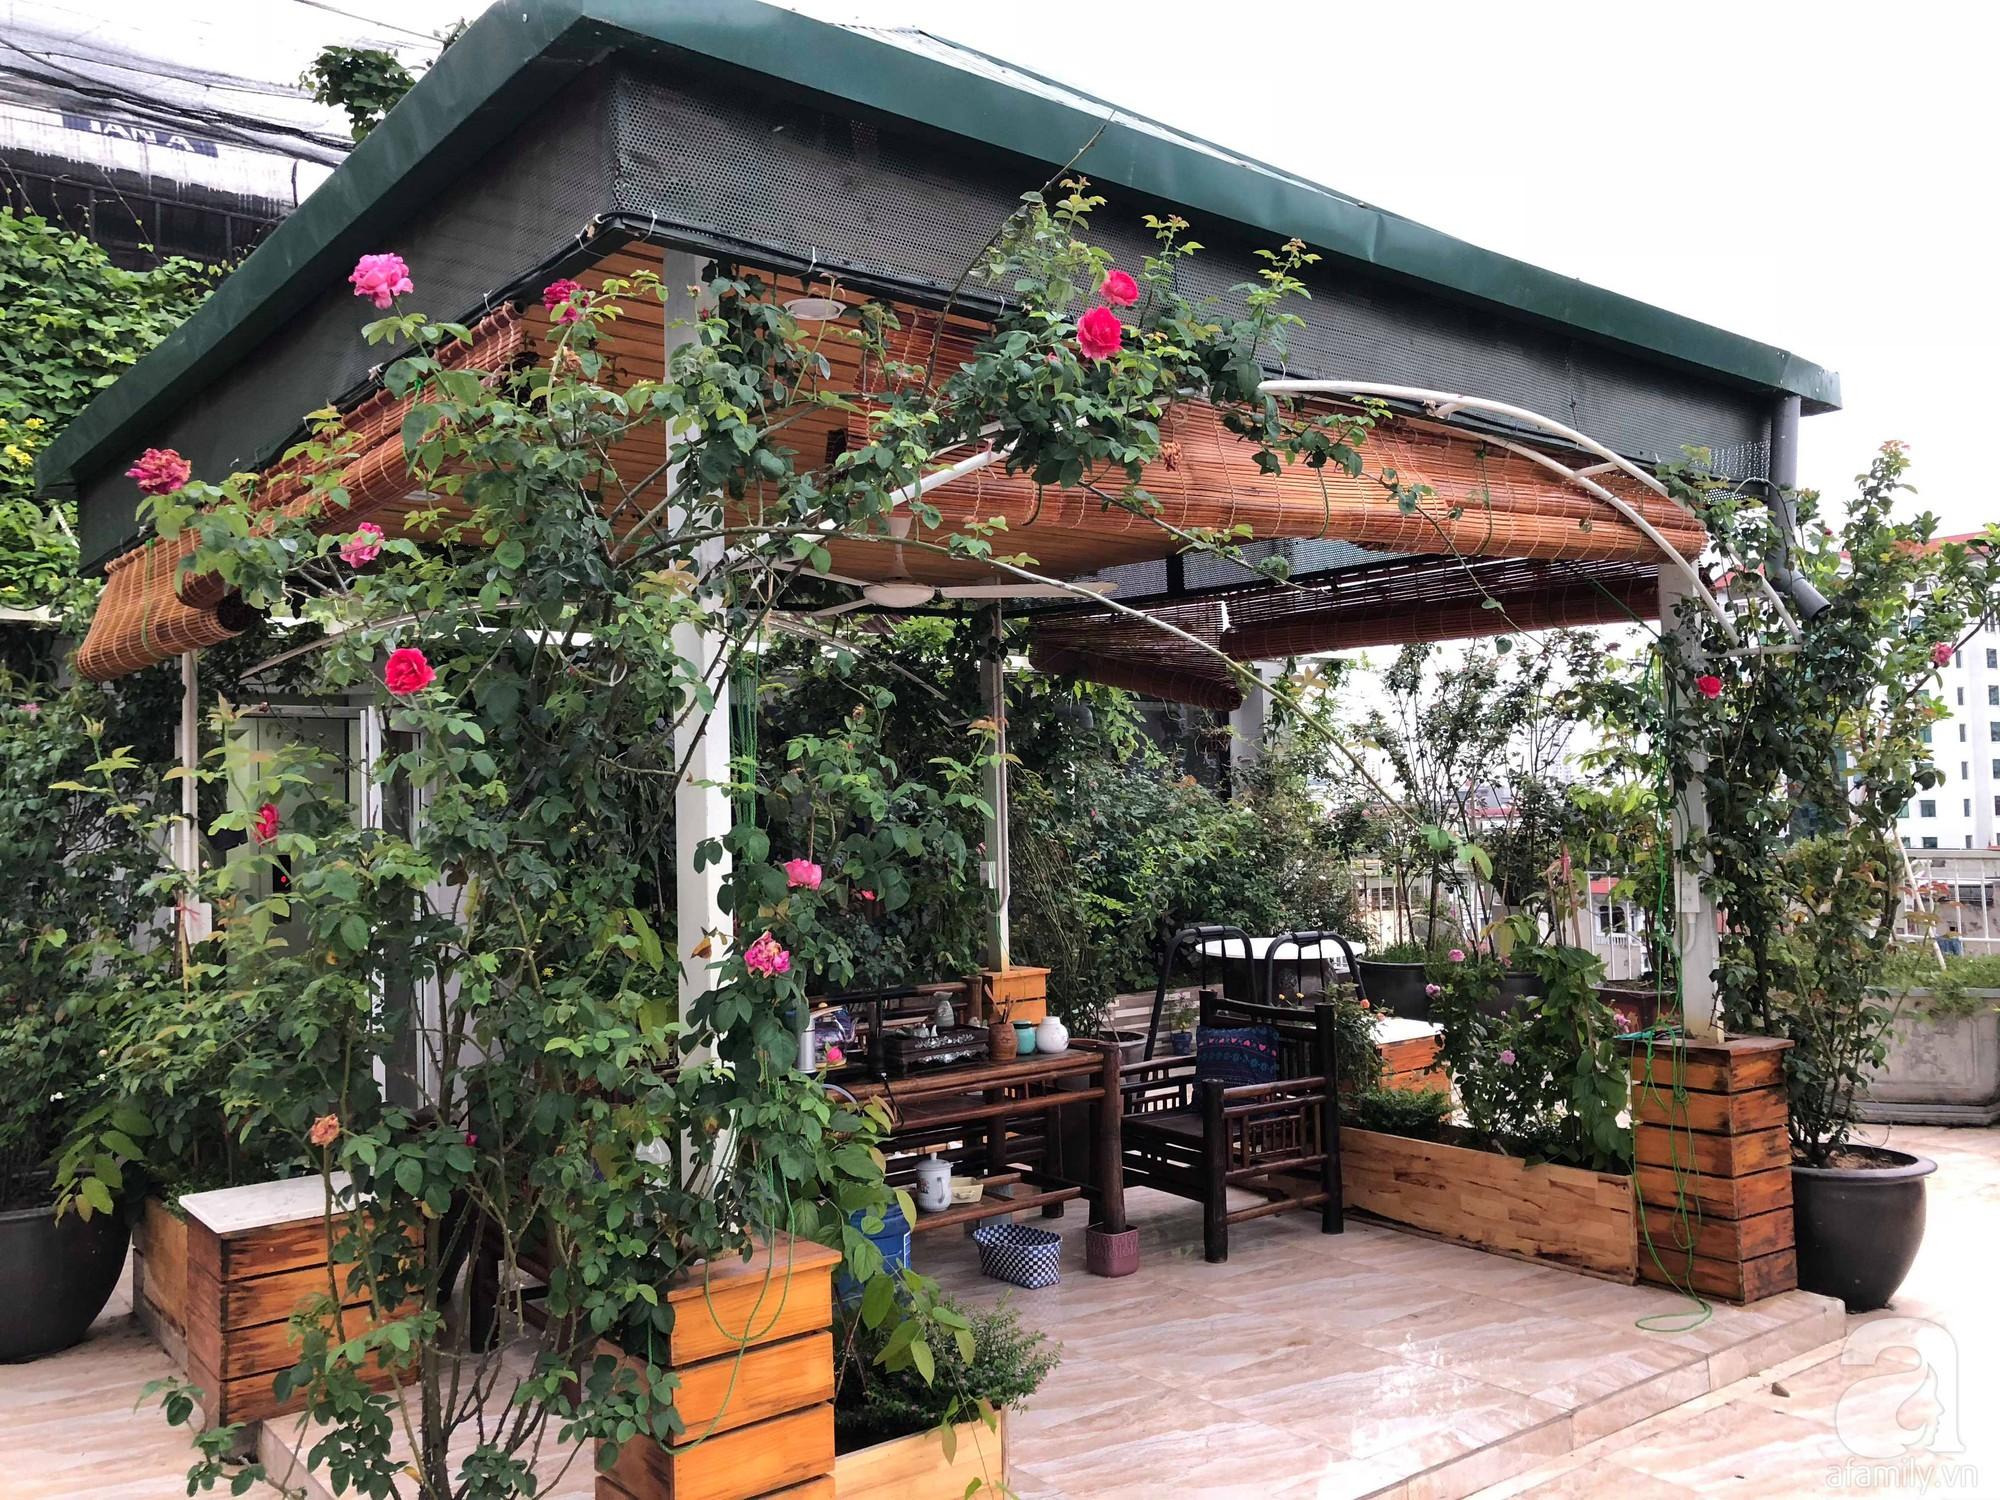 Khu vườn trên sân thượng rộng 200m² đẹp ngỡ ngàng với trăm loài hoa đua nhau khoe sắc ở Hà Nội - Ảnh 4.